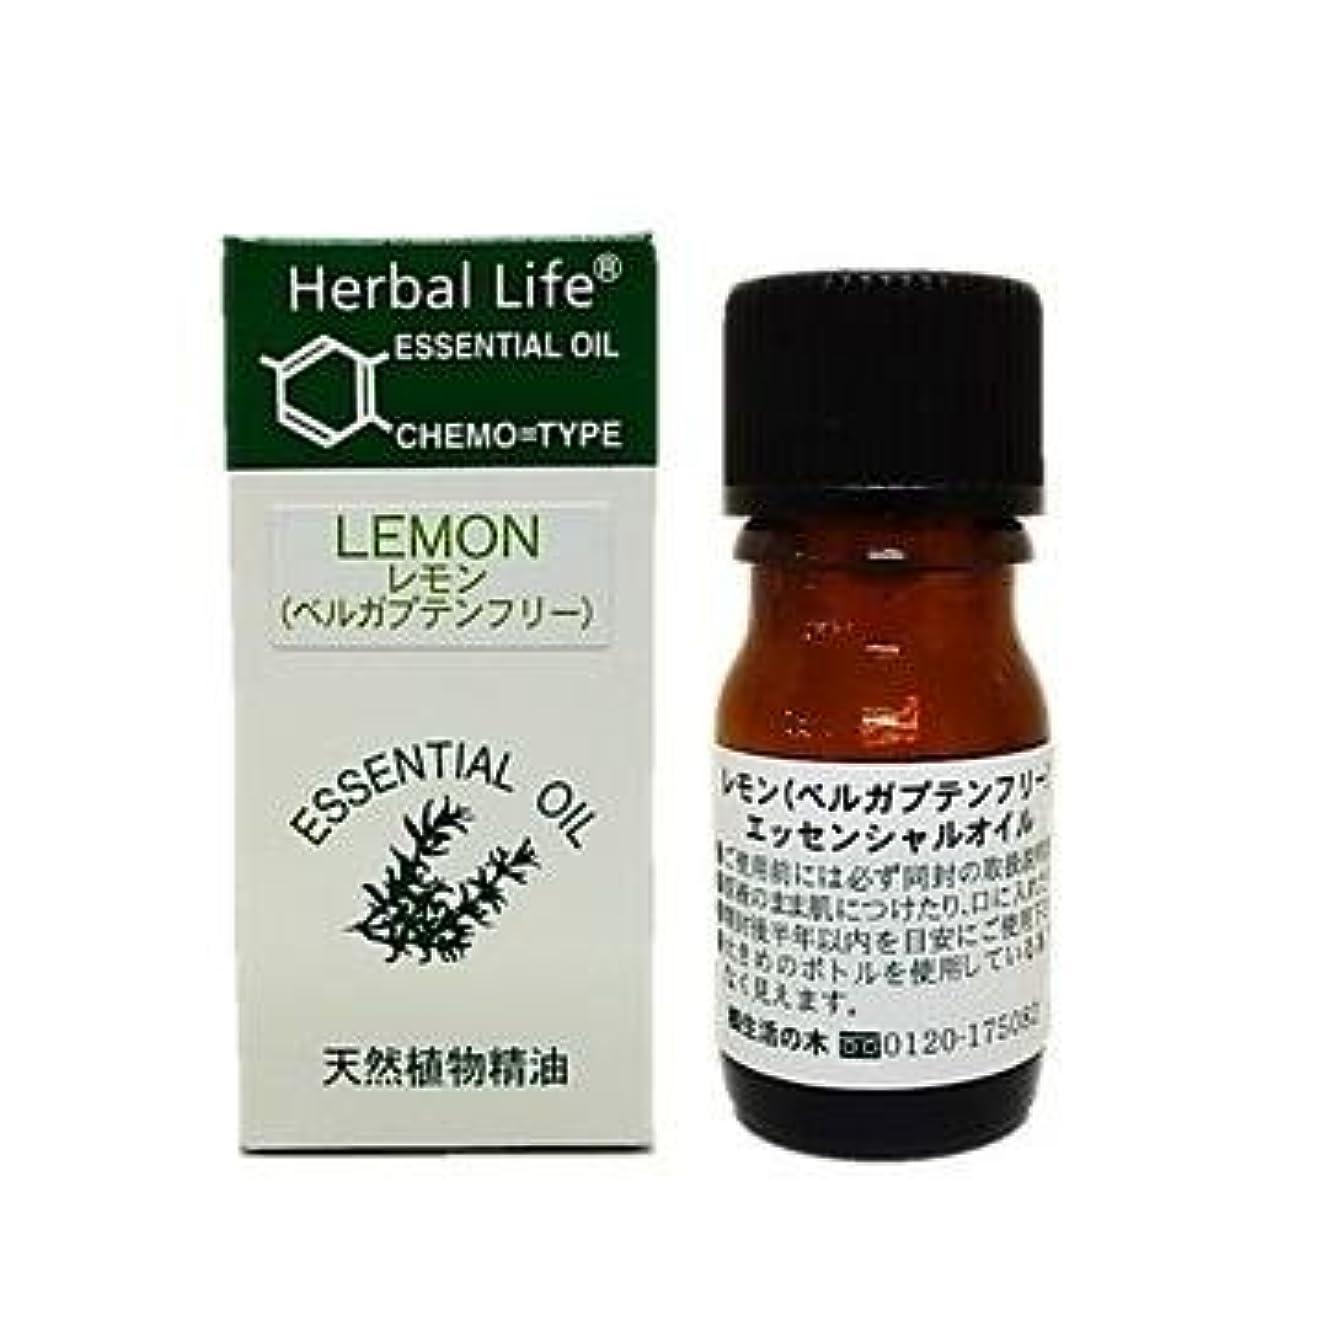 踏み台再生利益生活の木 レモン(フロクマリンフリー)3ml エッセンシャルオイル/精油